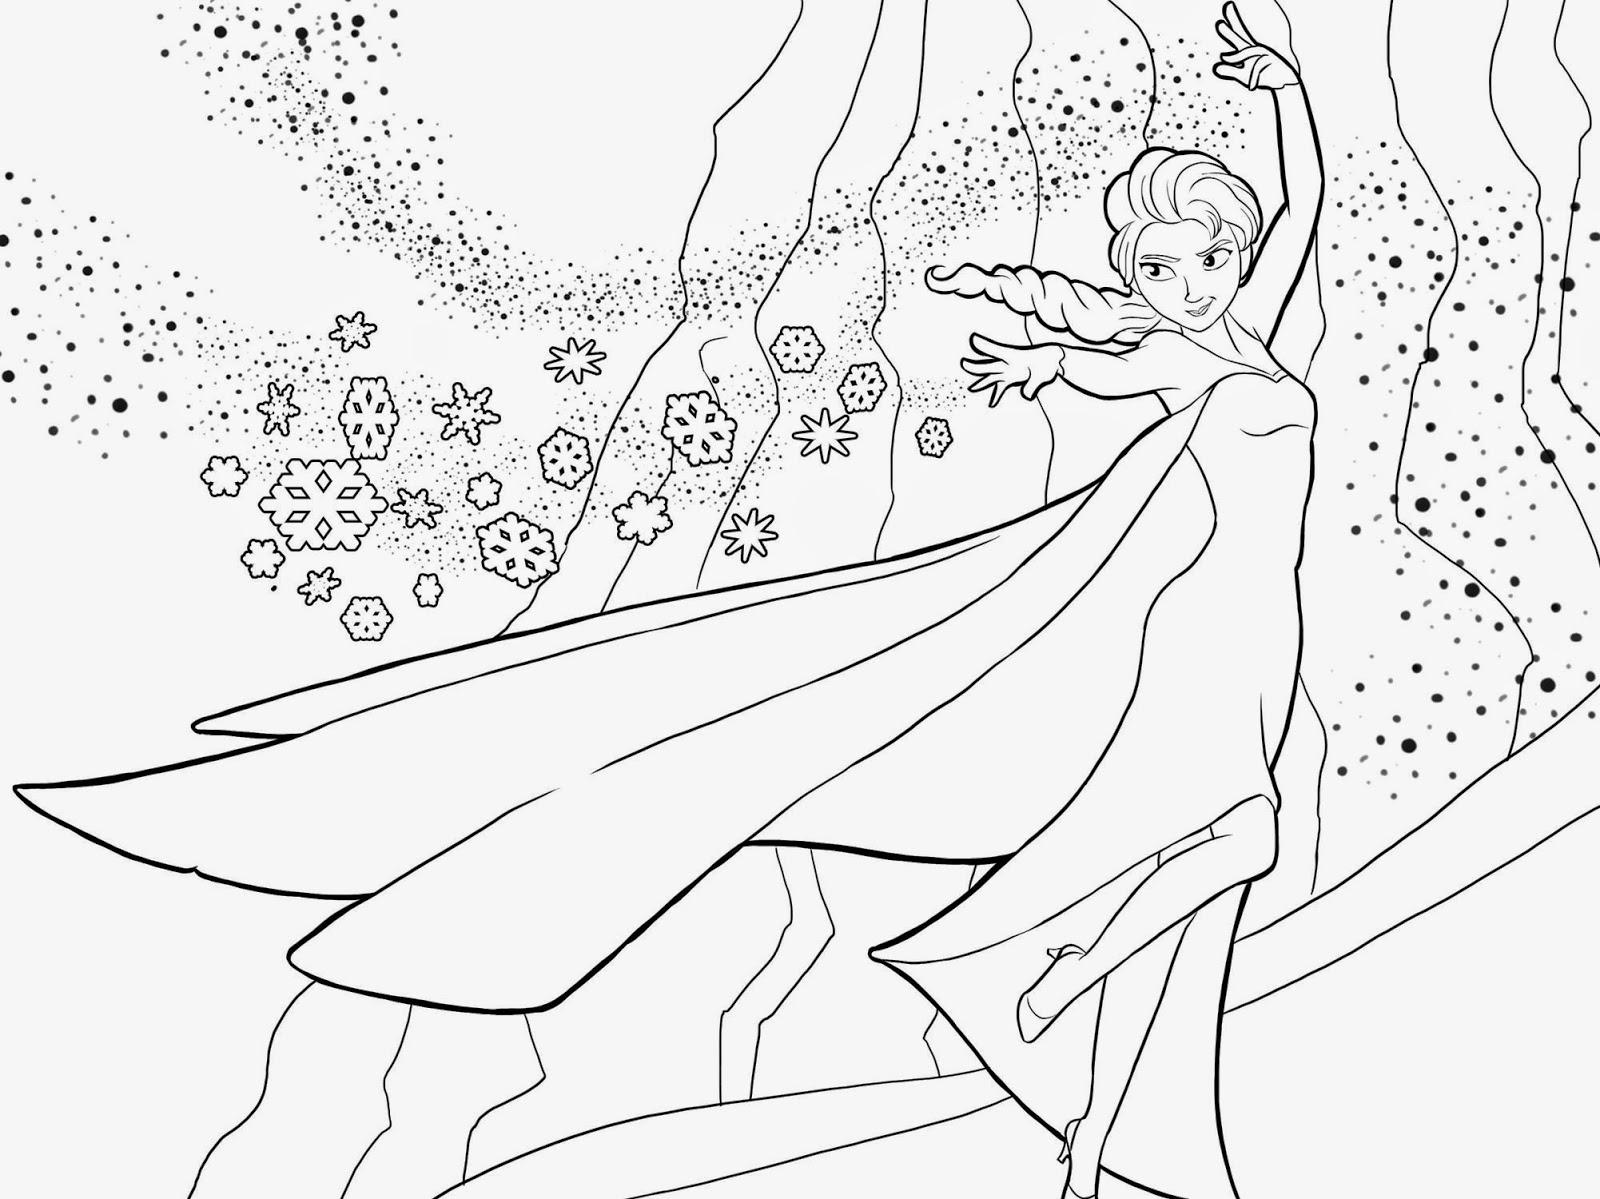 bauzinho da web baÚ da web desenhos de frozen uma aventura